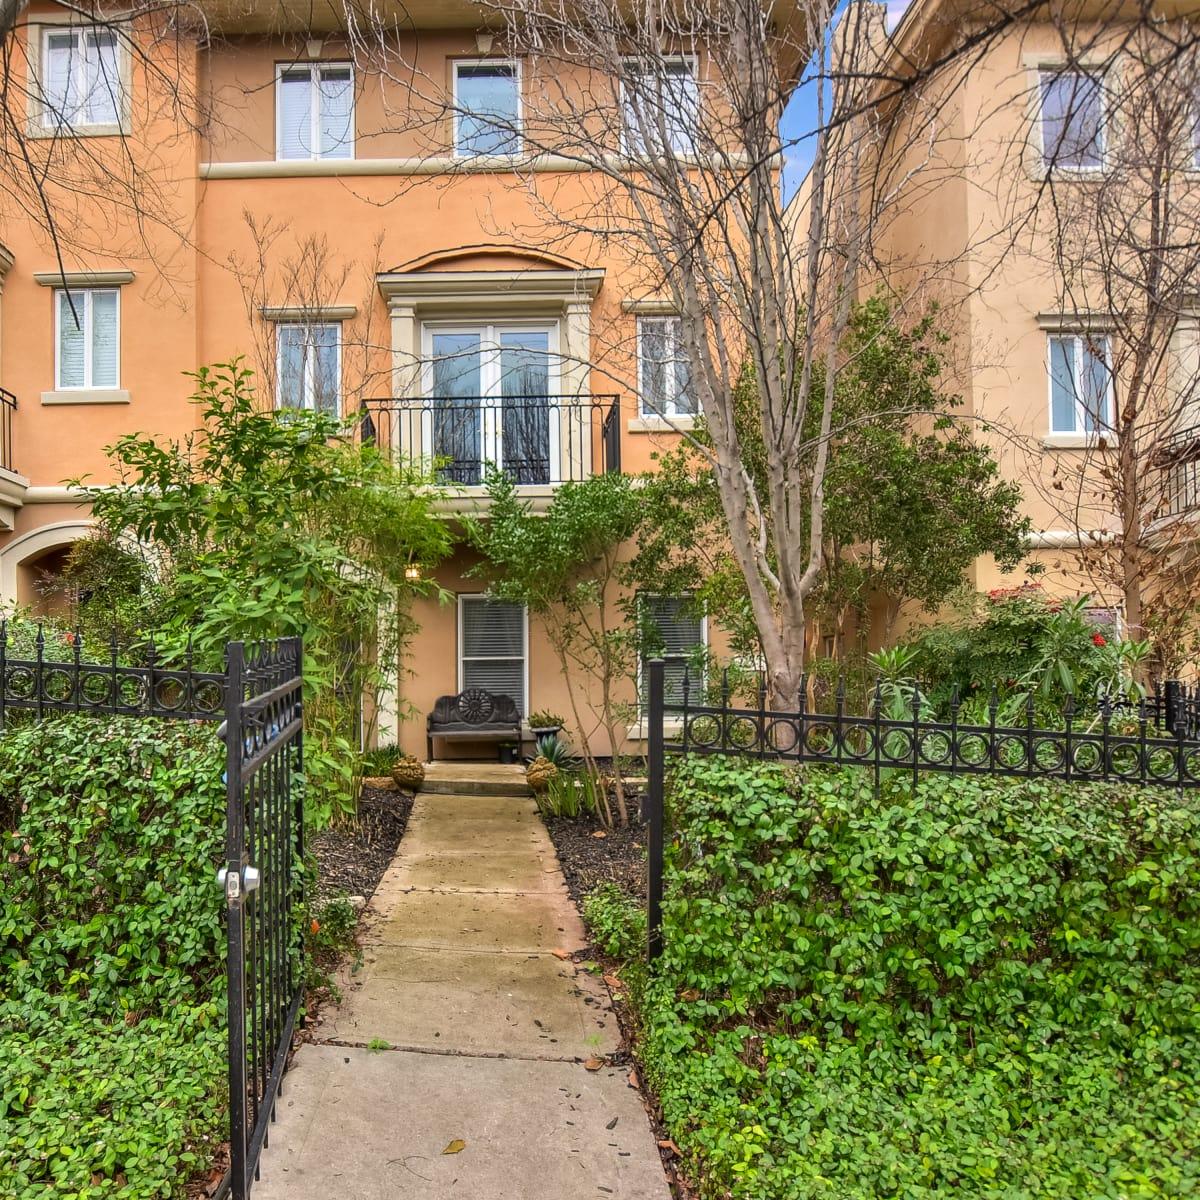 San Antonio house_225 East Mulberry Av.